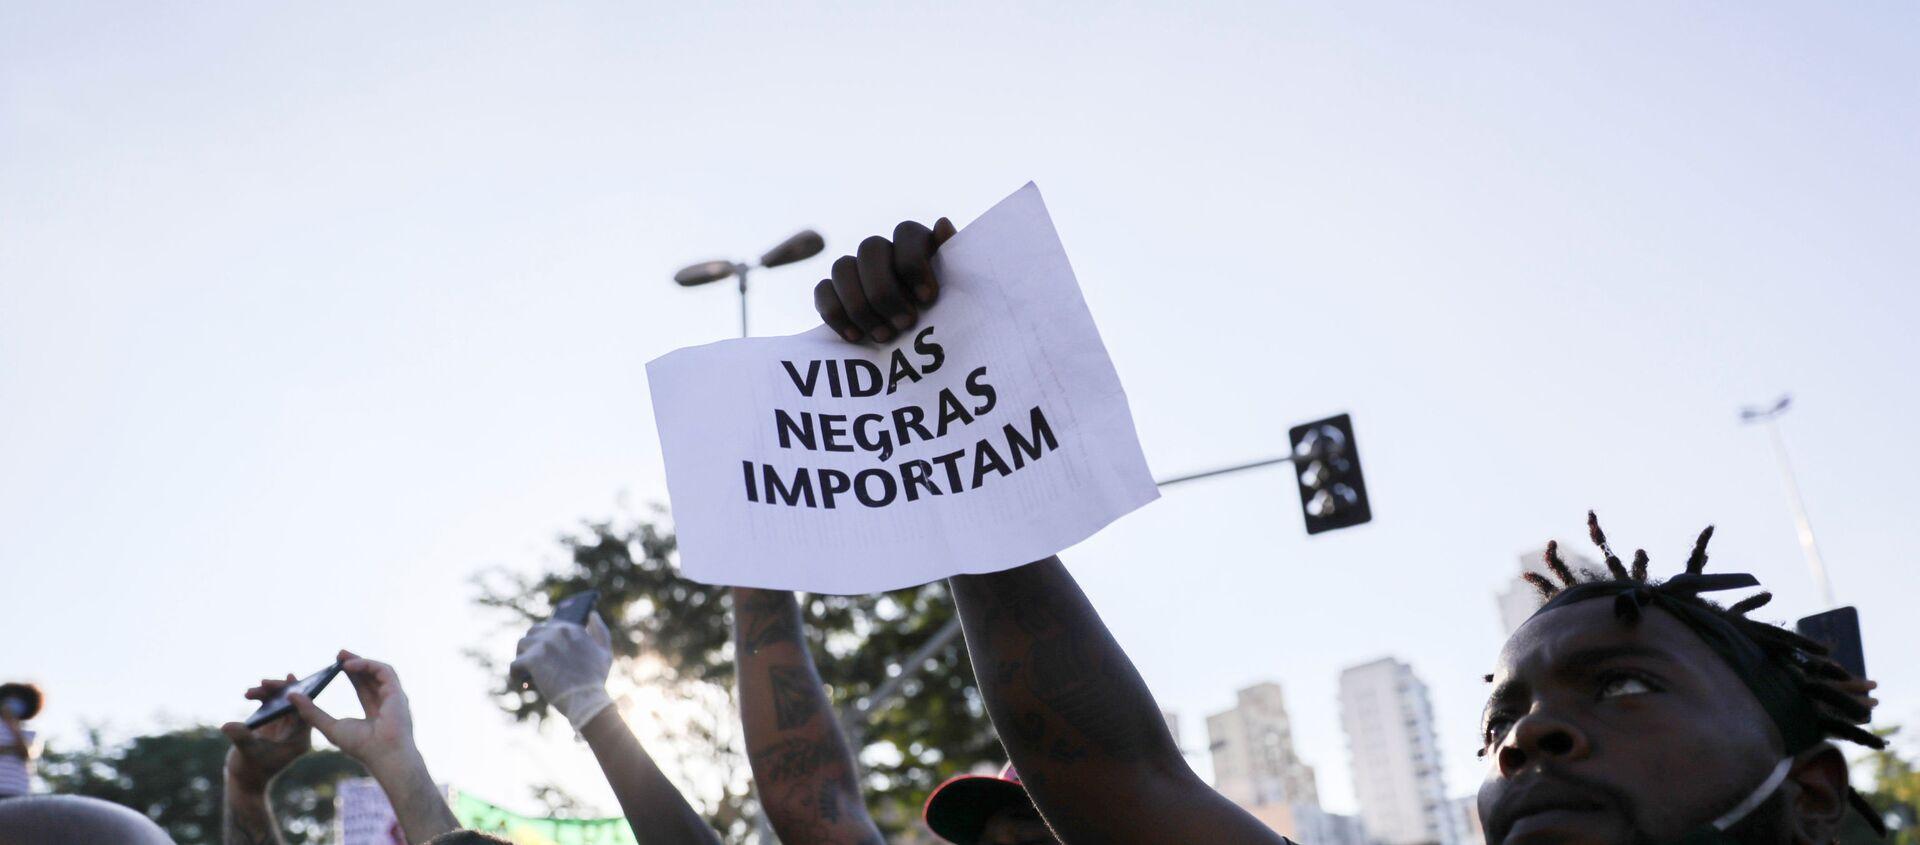 Manifestantes contra el racismo durante una protesta en Sao Paulo, Brasil - Sputnik Mundo, 1920, 08.06.2020